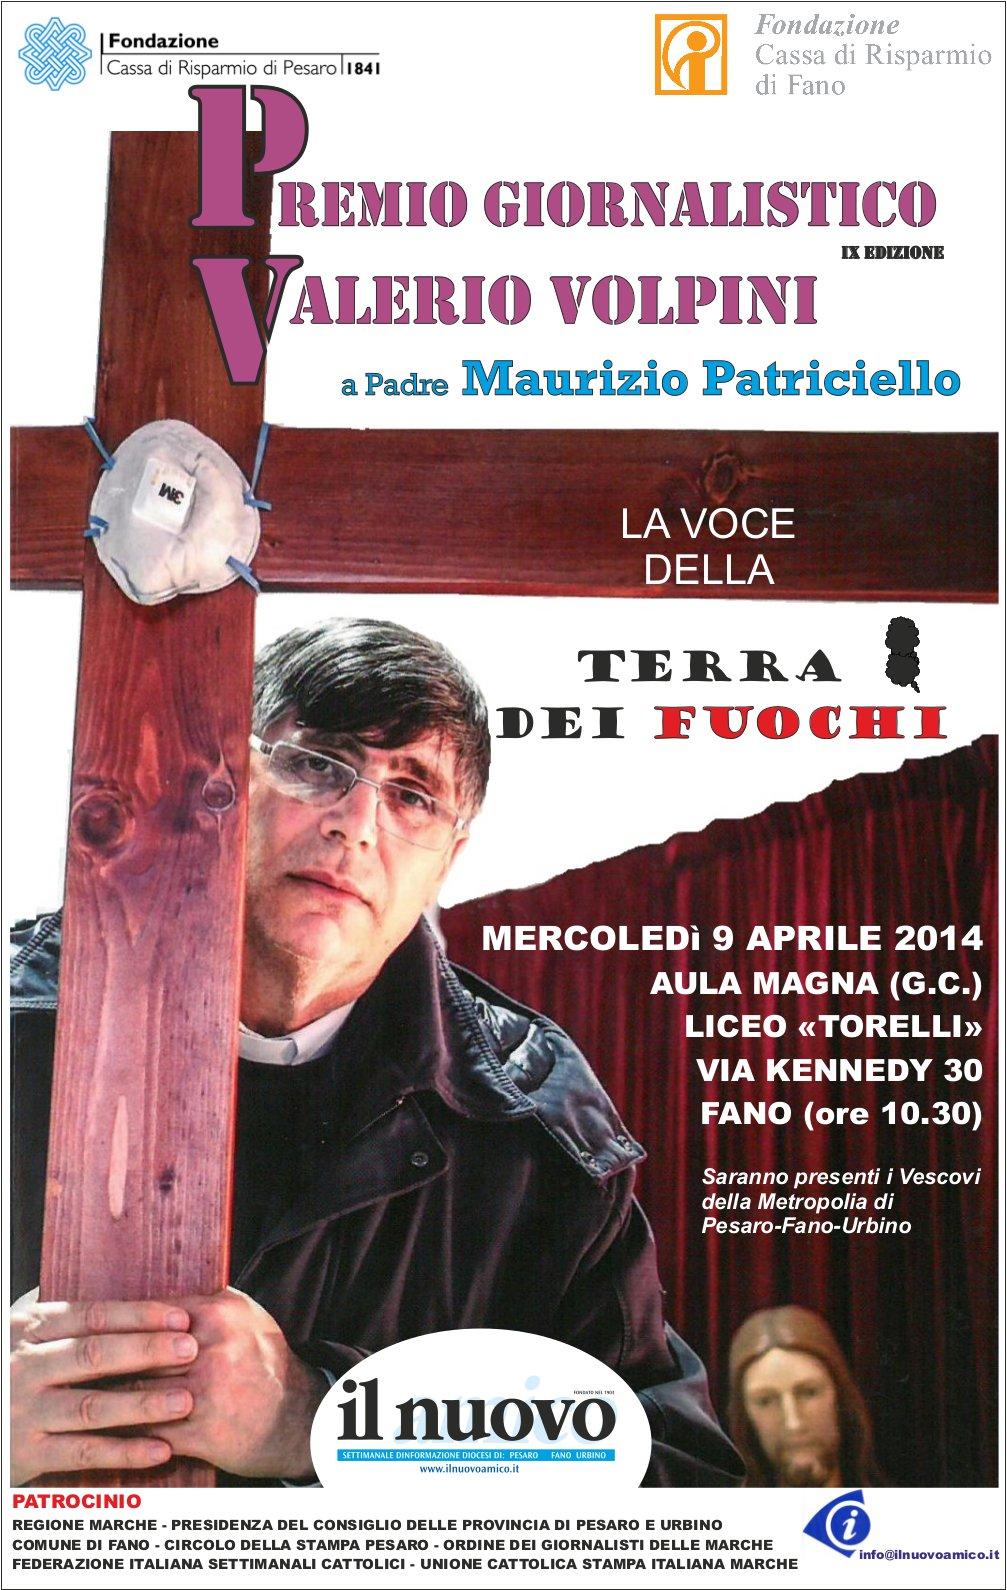 Premio Giornalistico Valerio Volpini